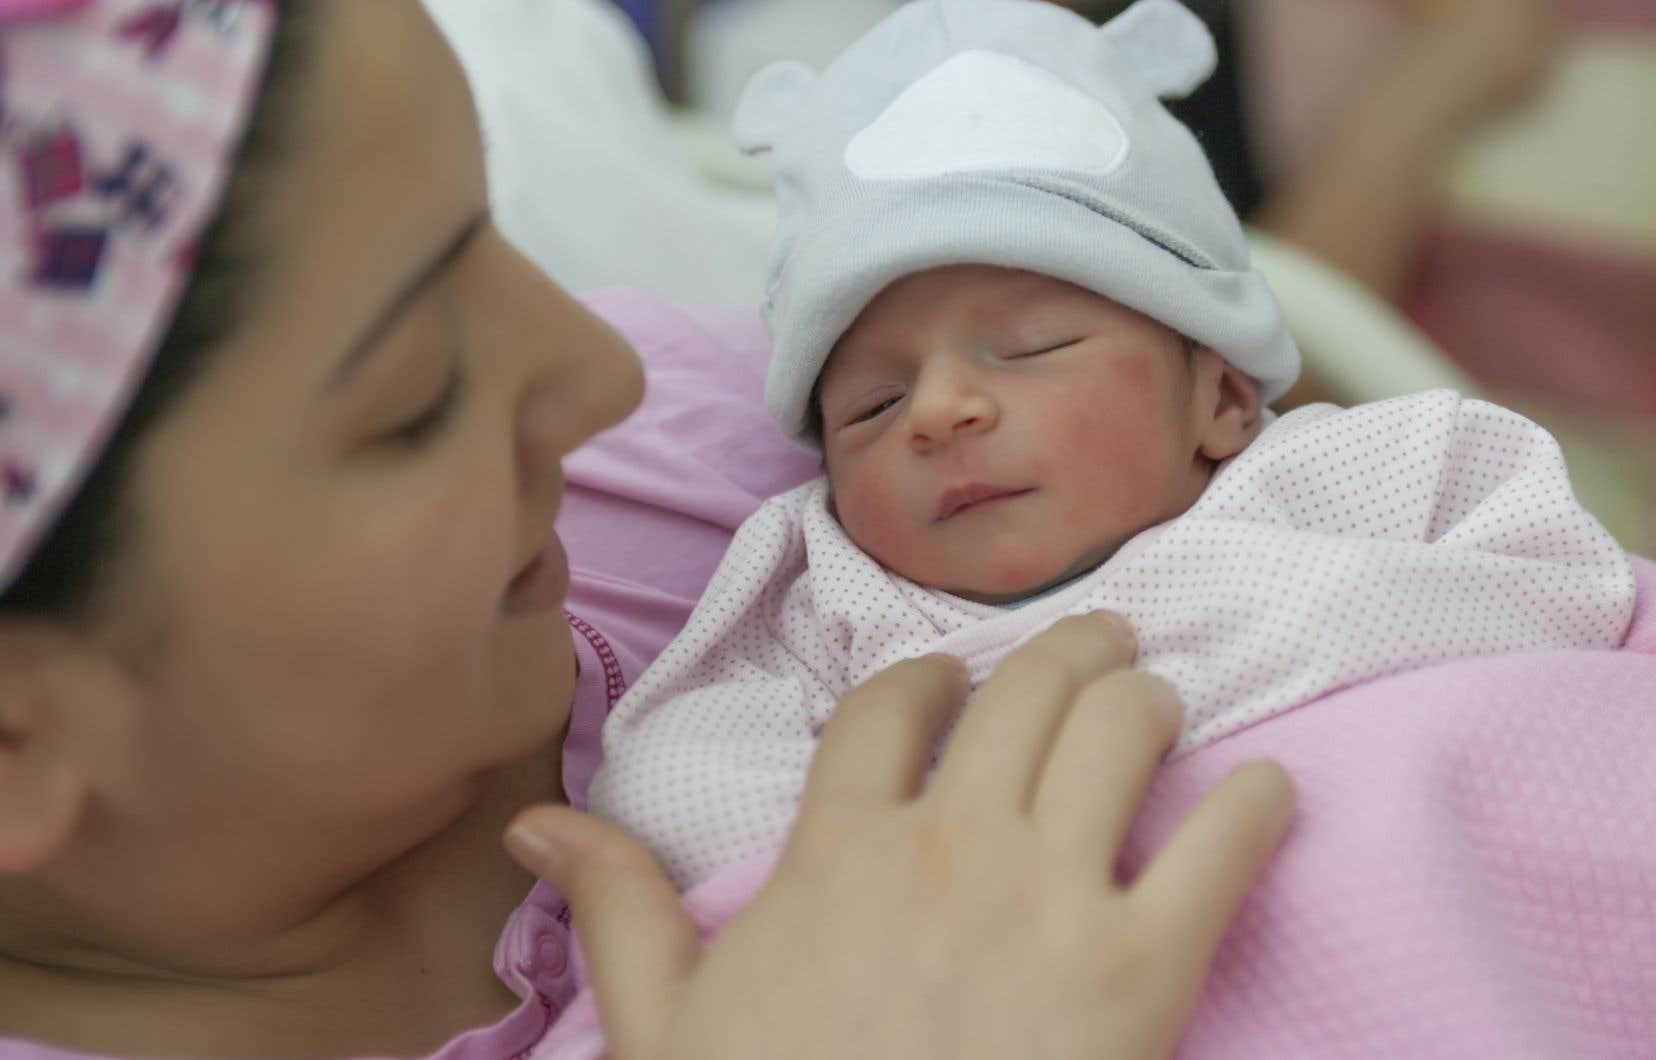 Le cerveau des femmes qui ont eu un enfant est plus jeune que leur âge chronologique, comparativement au cerveau de femmes qui n'ont jamais accouché, ont constaté des chercheurs norvégiens.